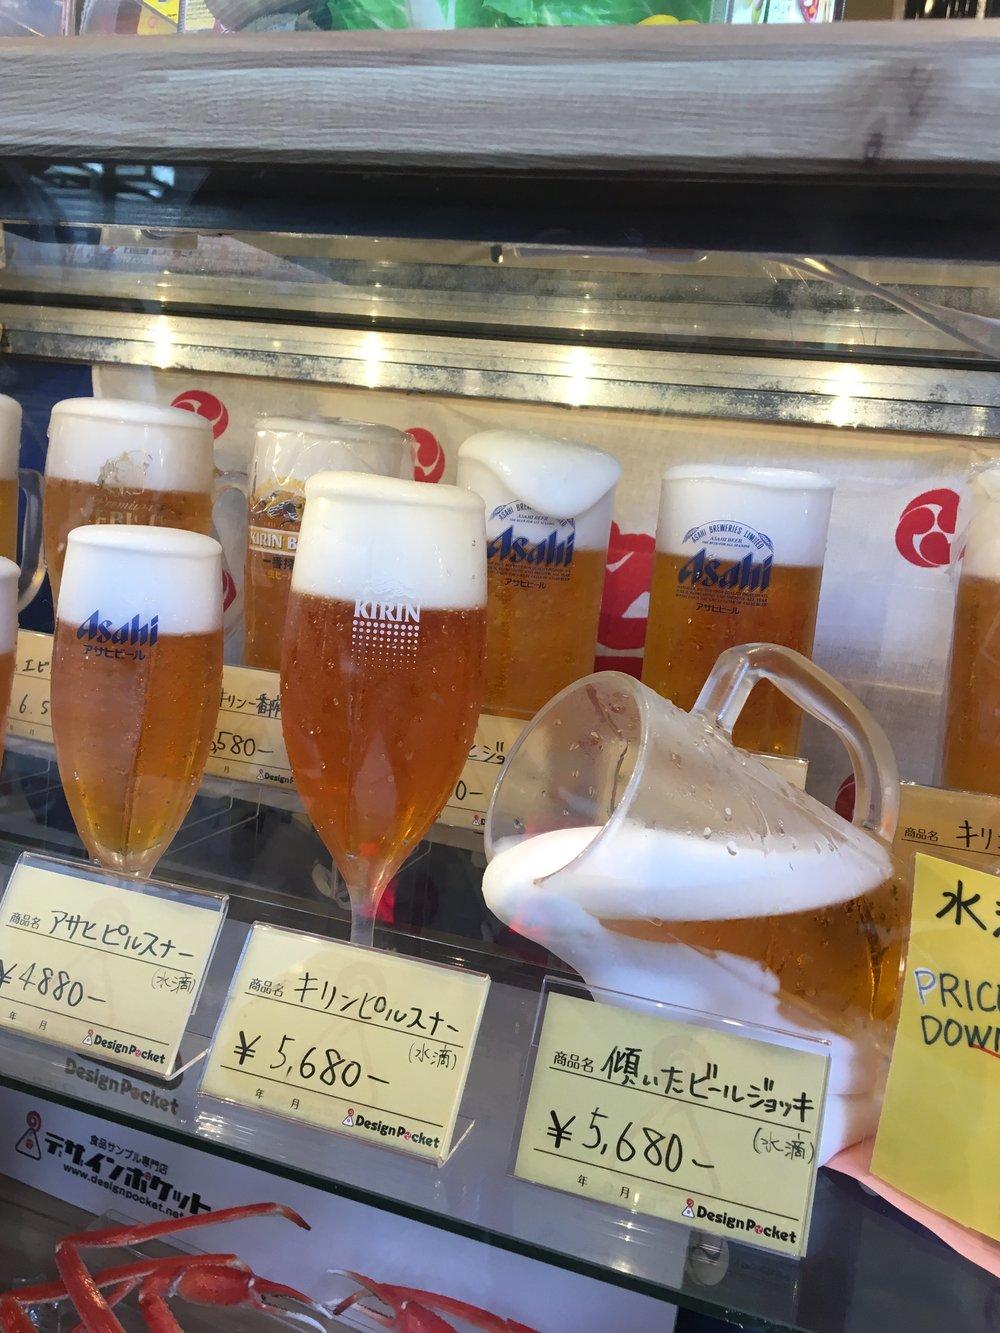 Fake Japanese display